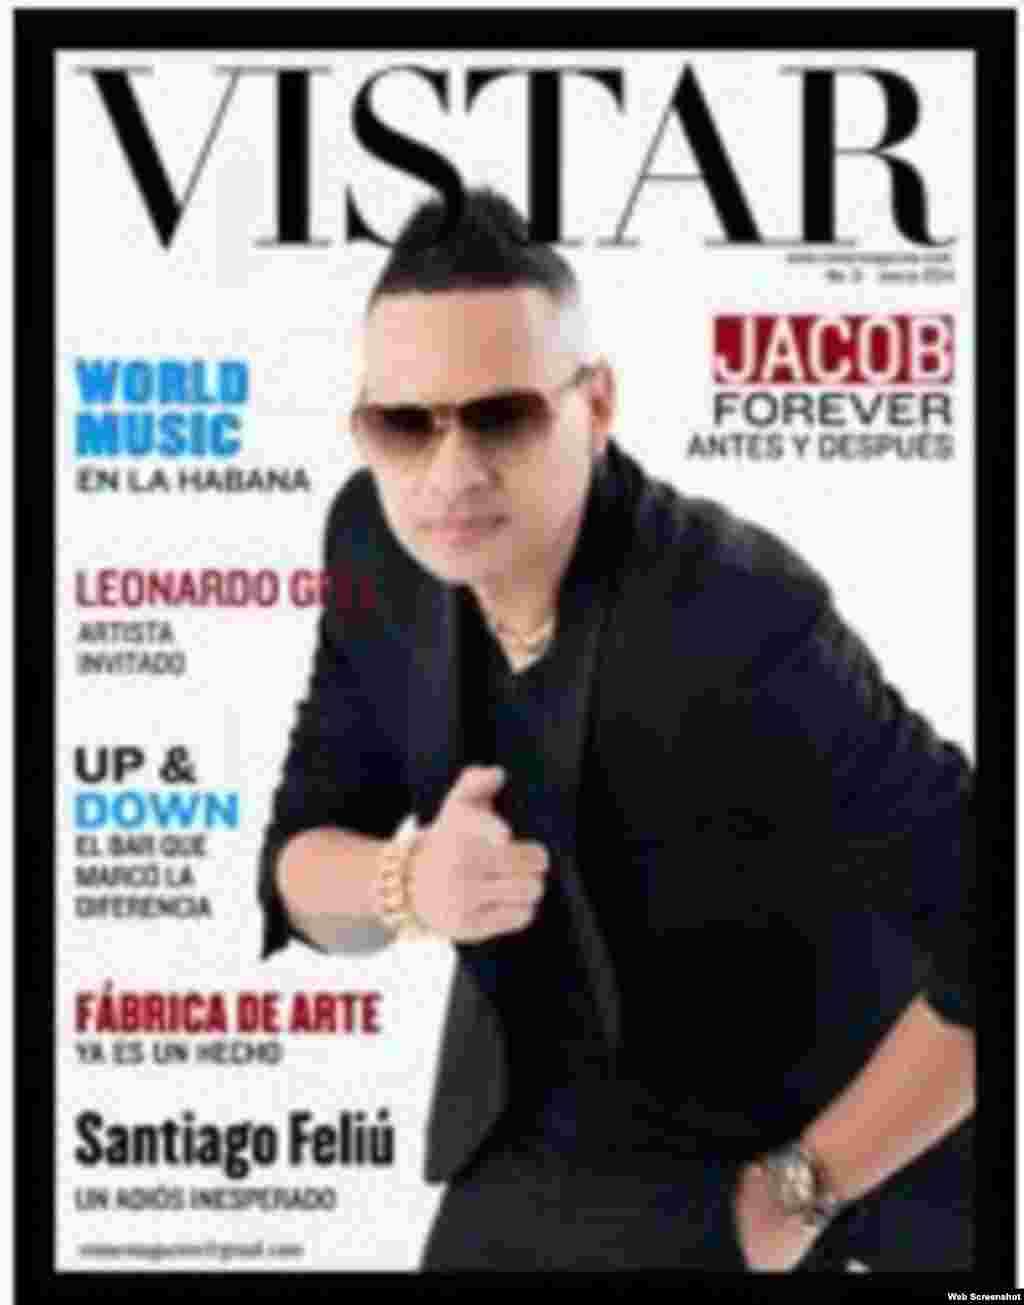 Número 1 de Vistar, revista de publicidad independiente en Cuba